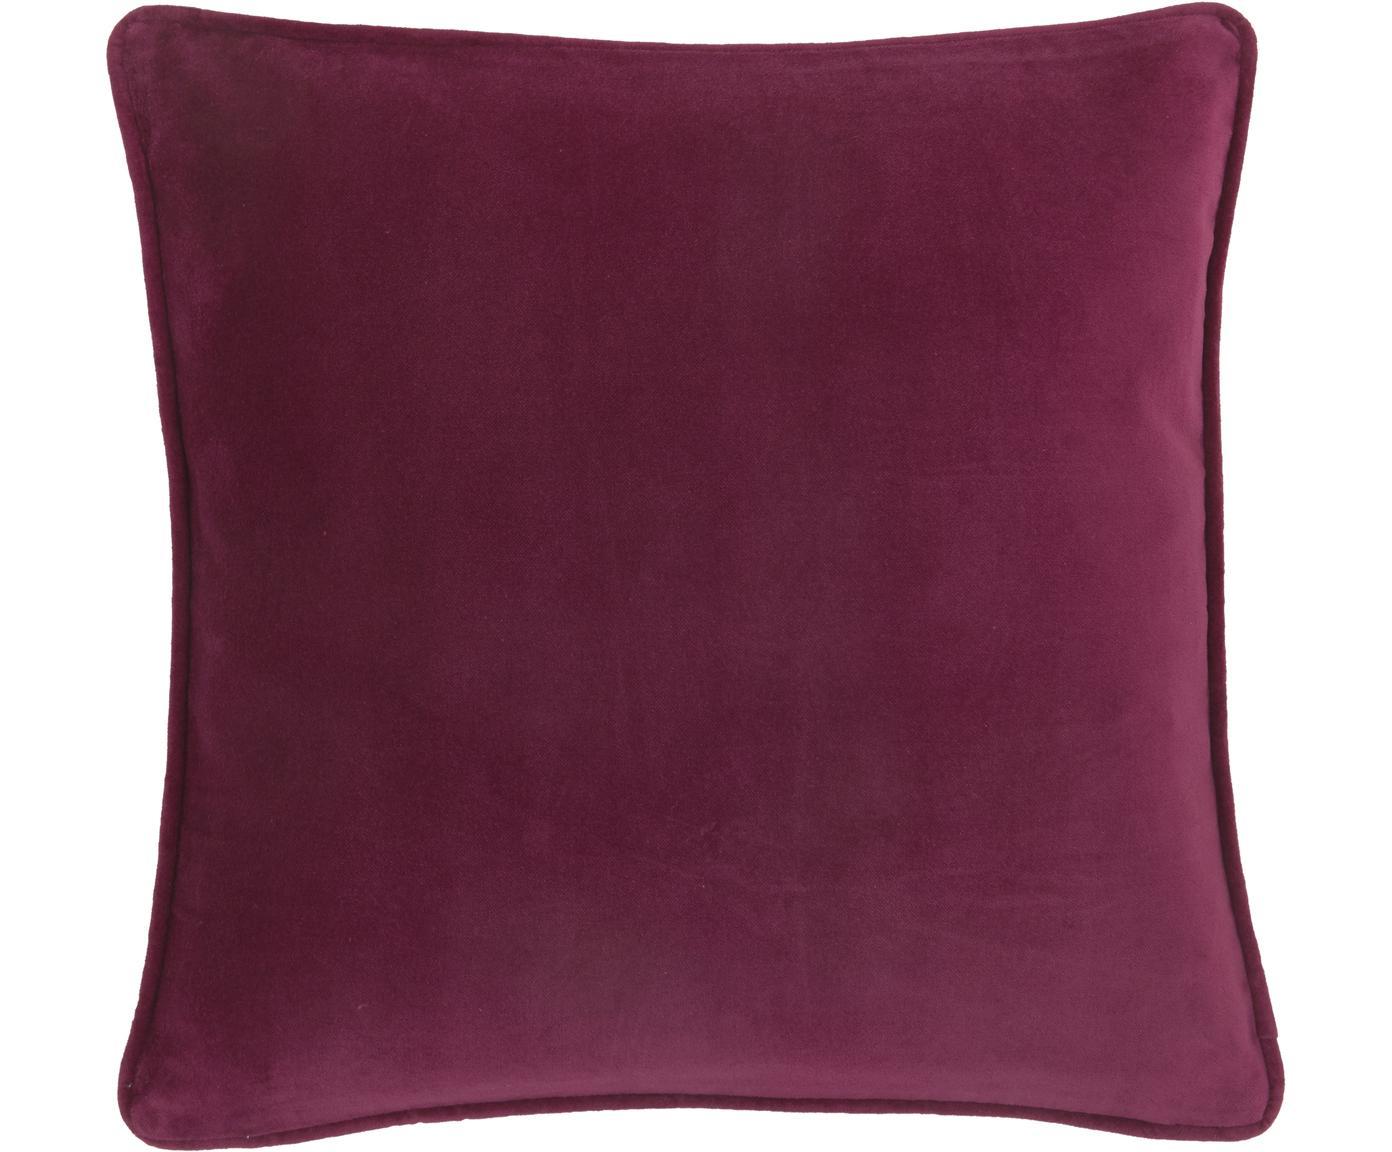 Poszewka na poduszkę z aksamitu Dana, Aksamit bawełniany, Wiśniowy, S 40 x D 40 cm